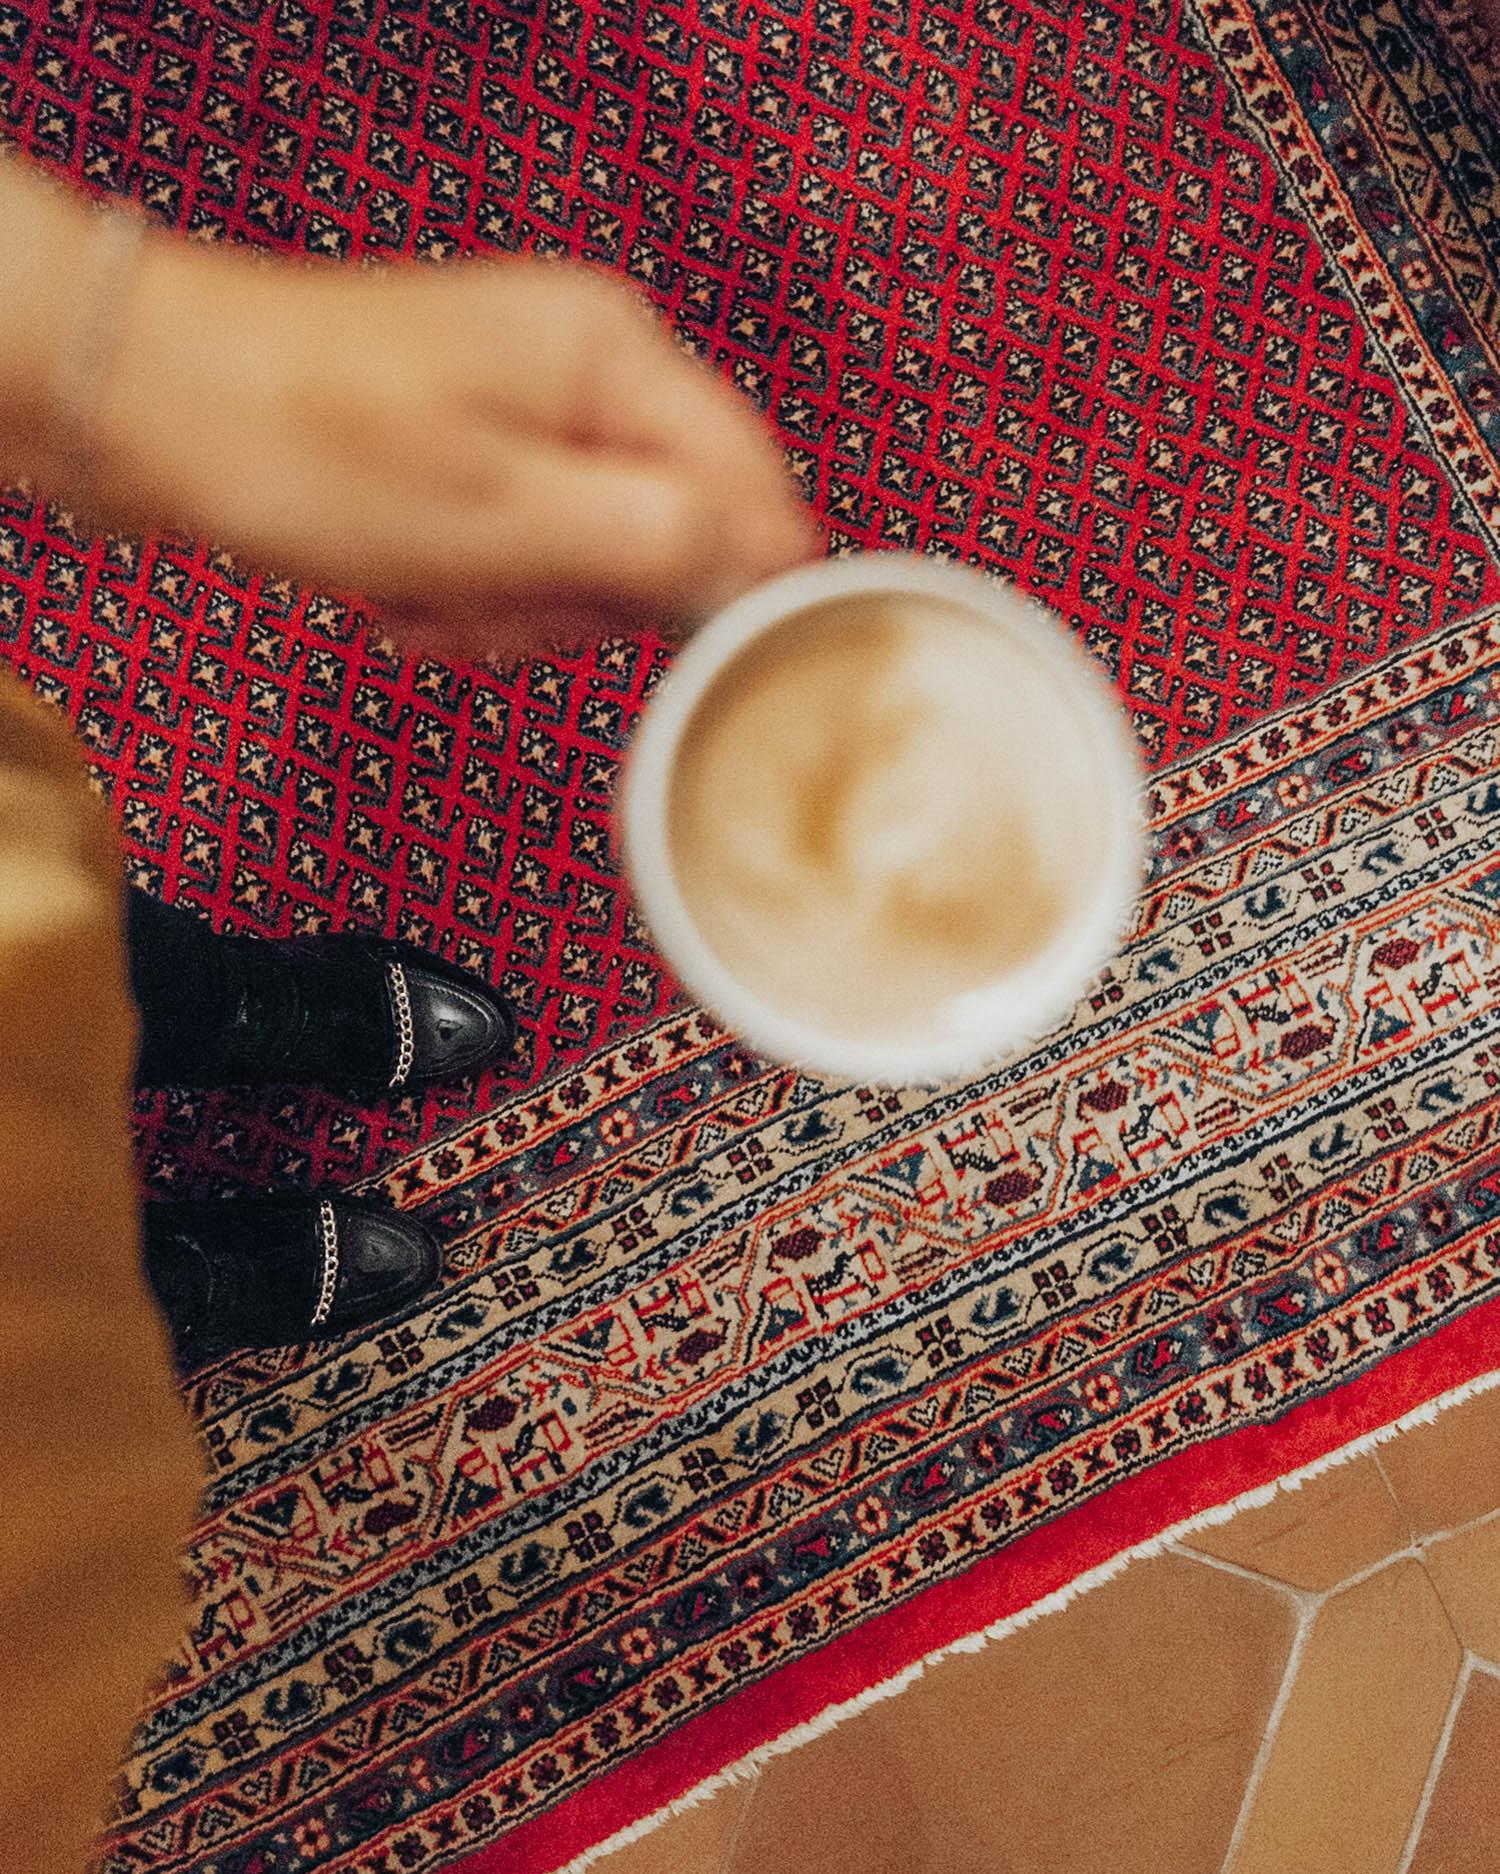 Svarta lackboots & en Latte